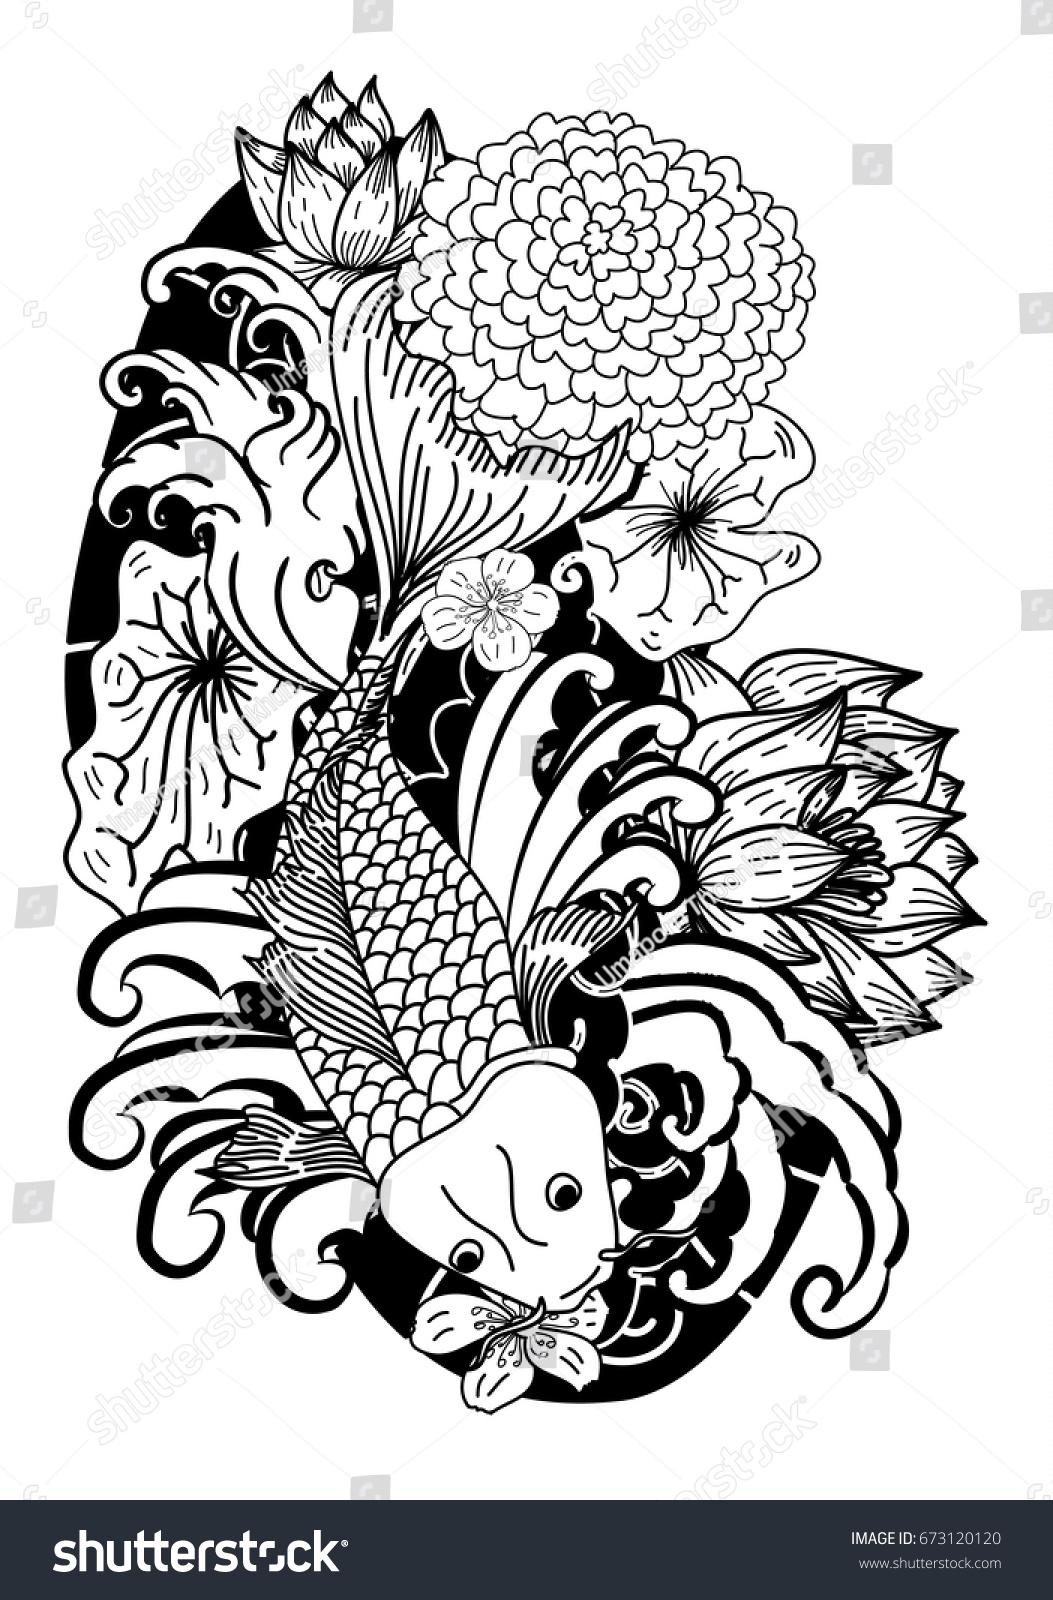 Beautiful line art koi carp tattoo stock vector 673120120 shutterstock beautiful line art koi carp tattoo design black and white koi fish and flower izmirmasajfo